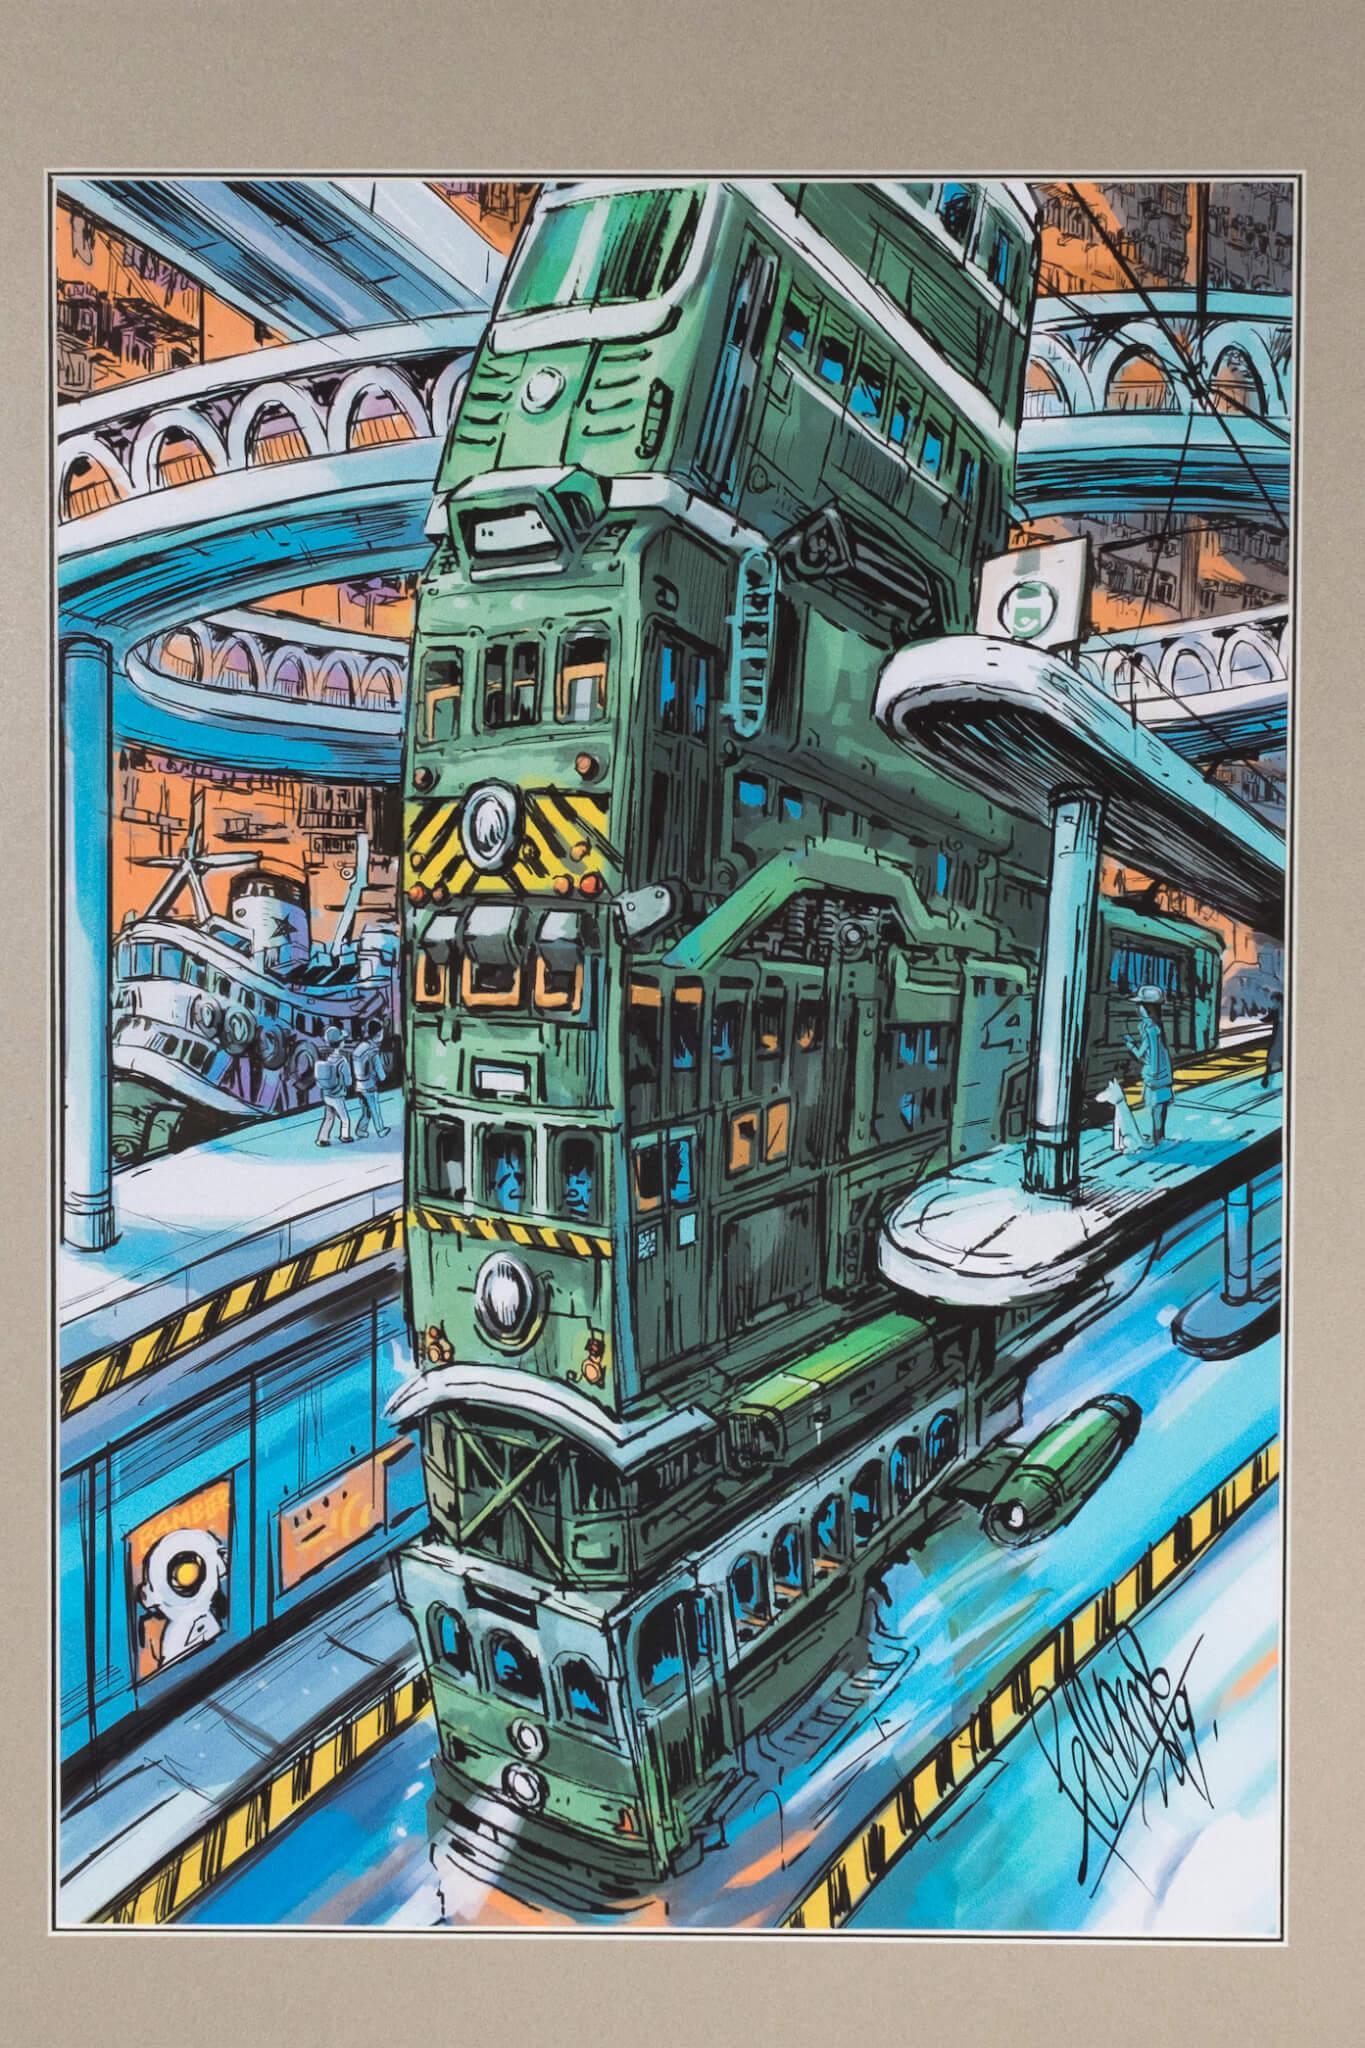 不同年代的電車疊起行駛,真的可以嗎?糖街天橋在此增添了科幻感。